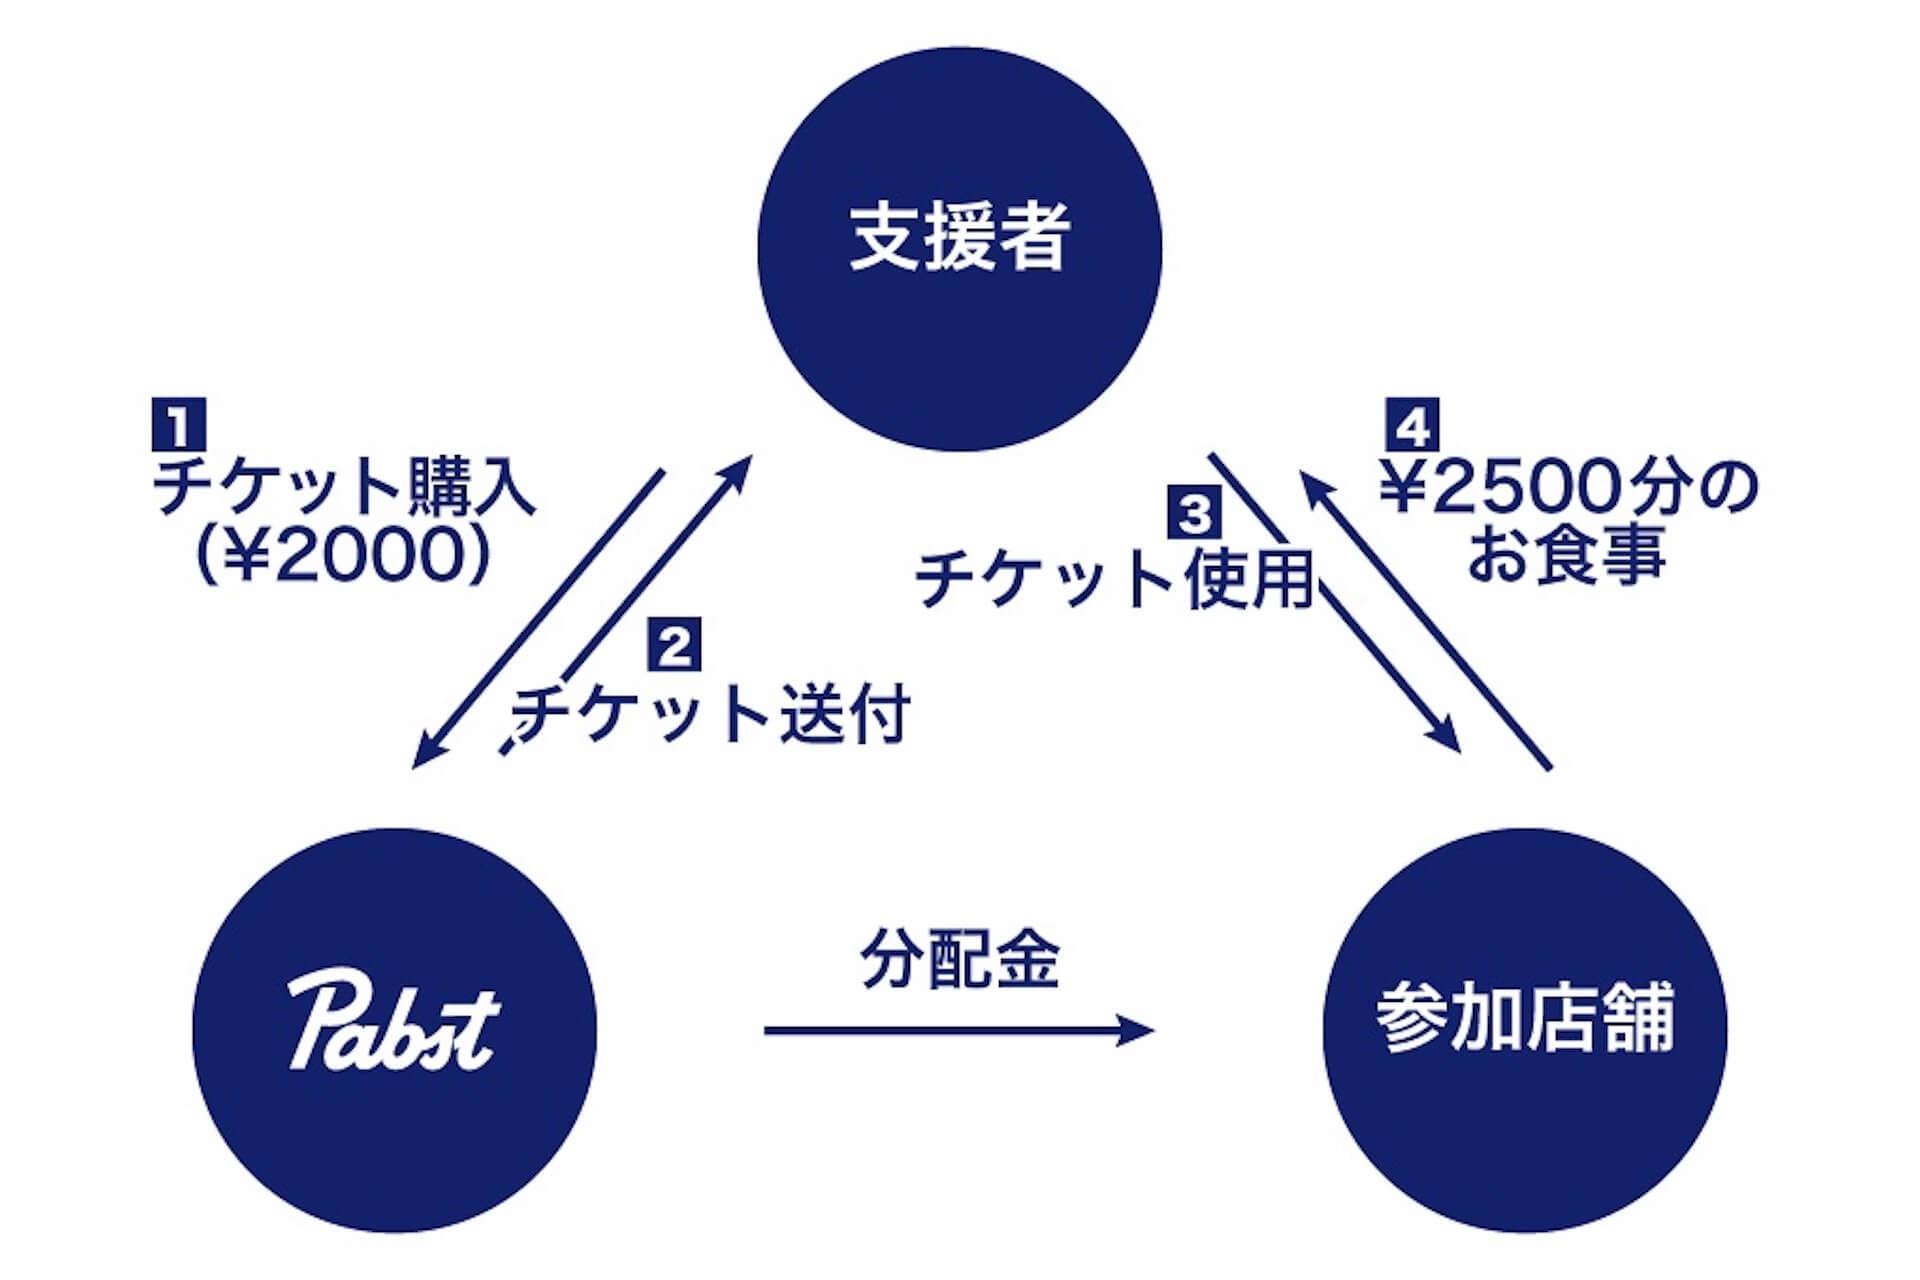 大好きなあのお店を支援しよう!PABST BLUE RIBBONがバー業界・ハンバーガー業界を支援するクラウドファンディングプロジェクトを始動 gourmet200515_supportyour_05